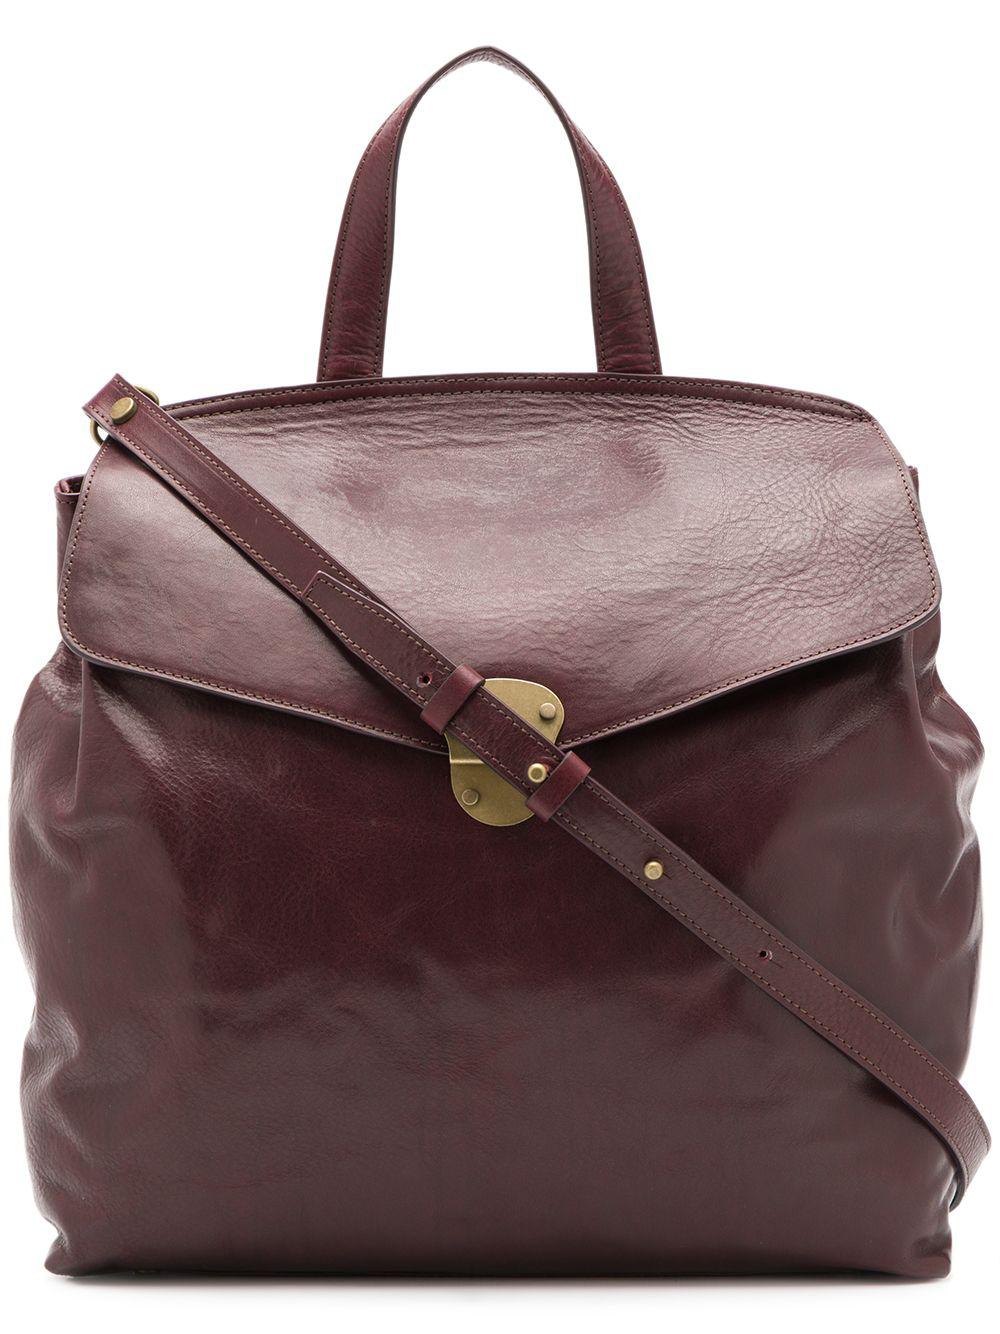 Officine Creative College Shoulder Bag In Brown